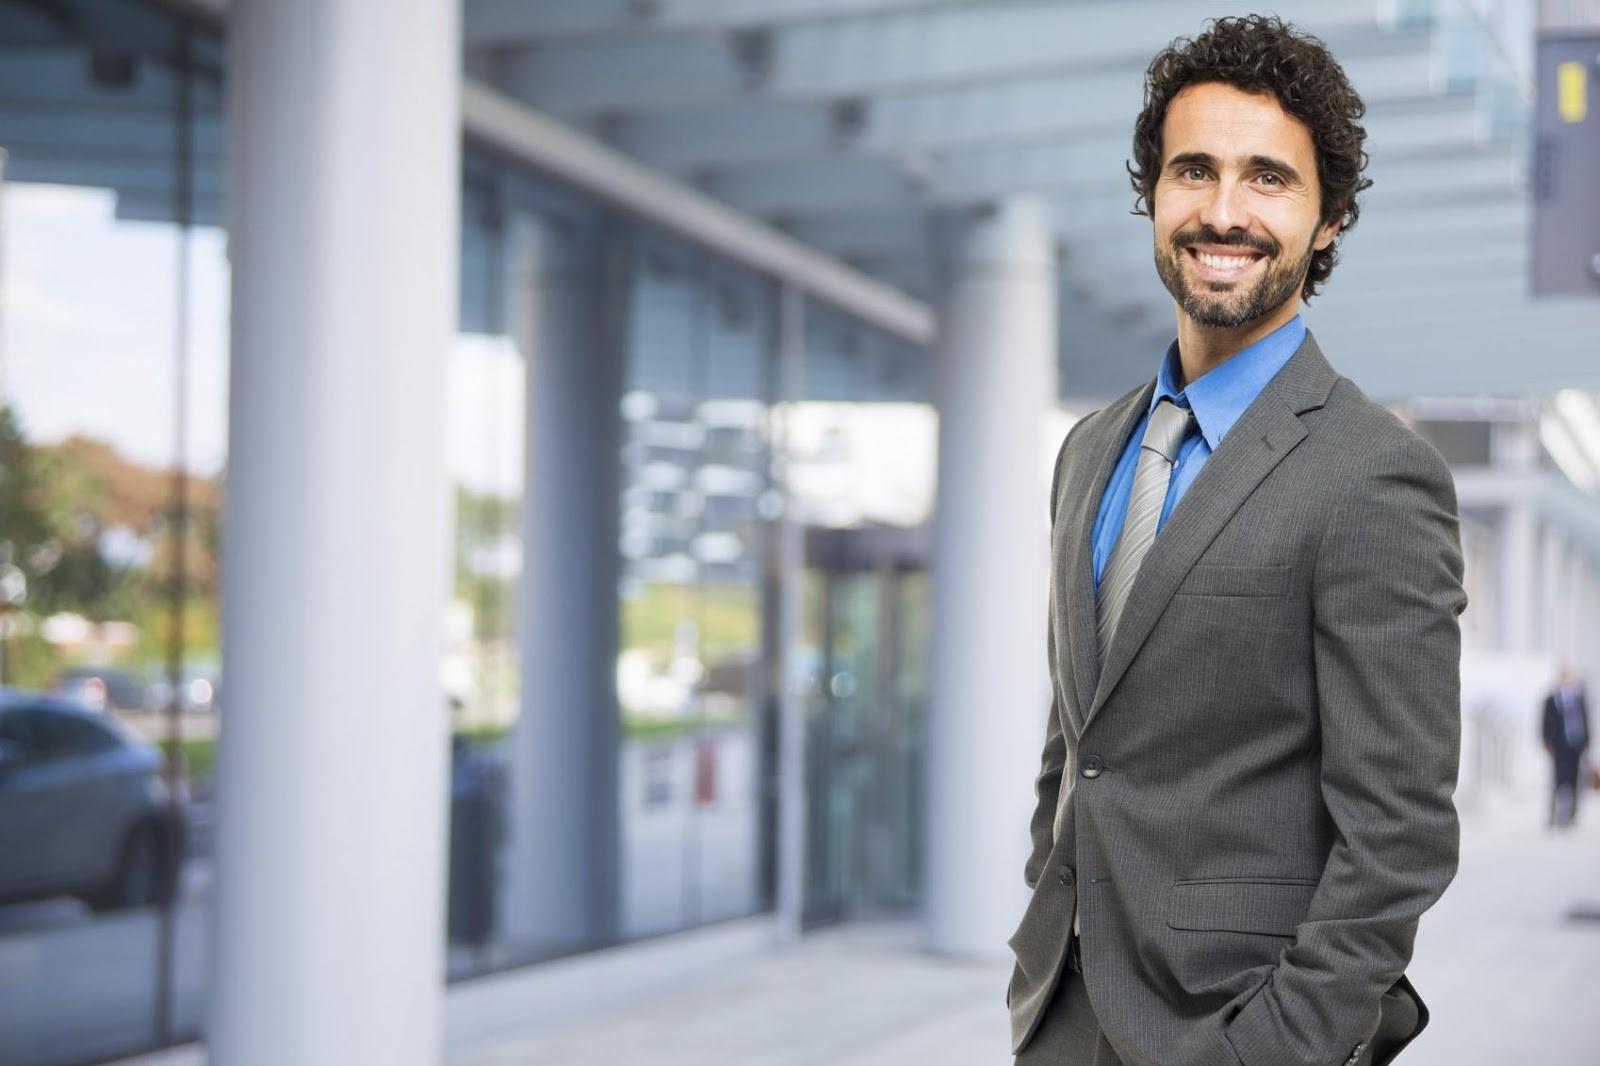 Muốn giàu có, doanh nhân phải tự thay đổi mình ra sao? - Ảnh 1